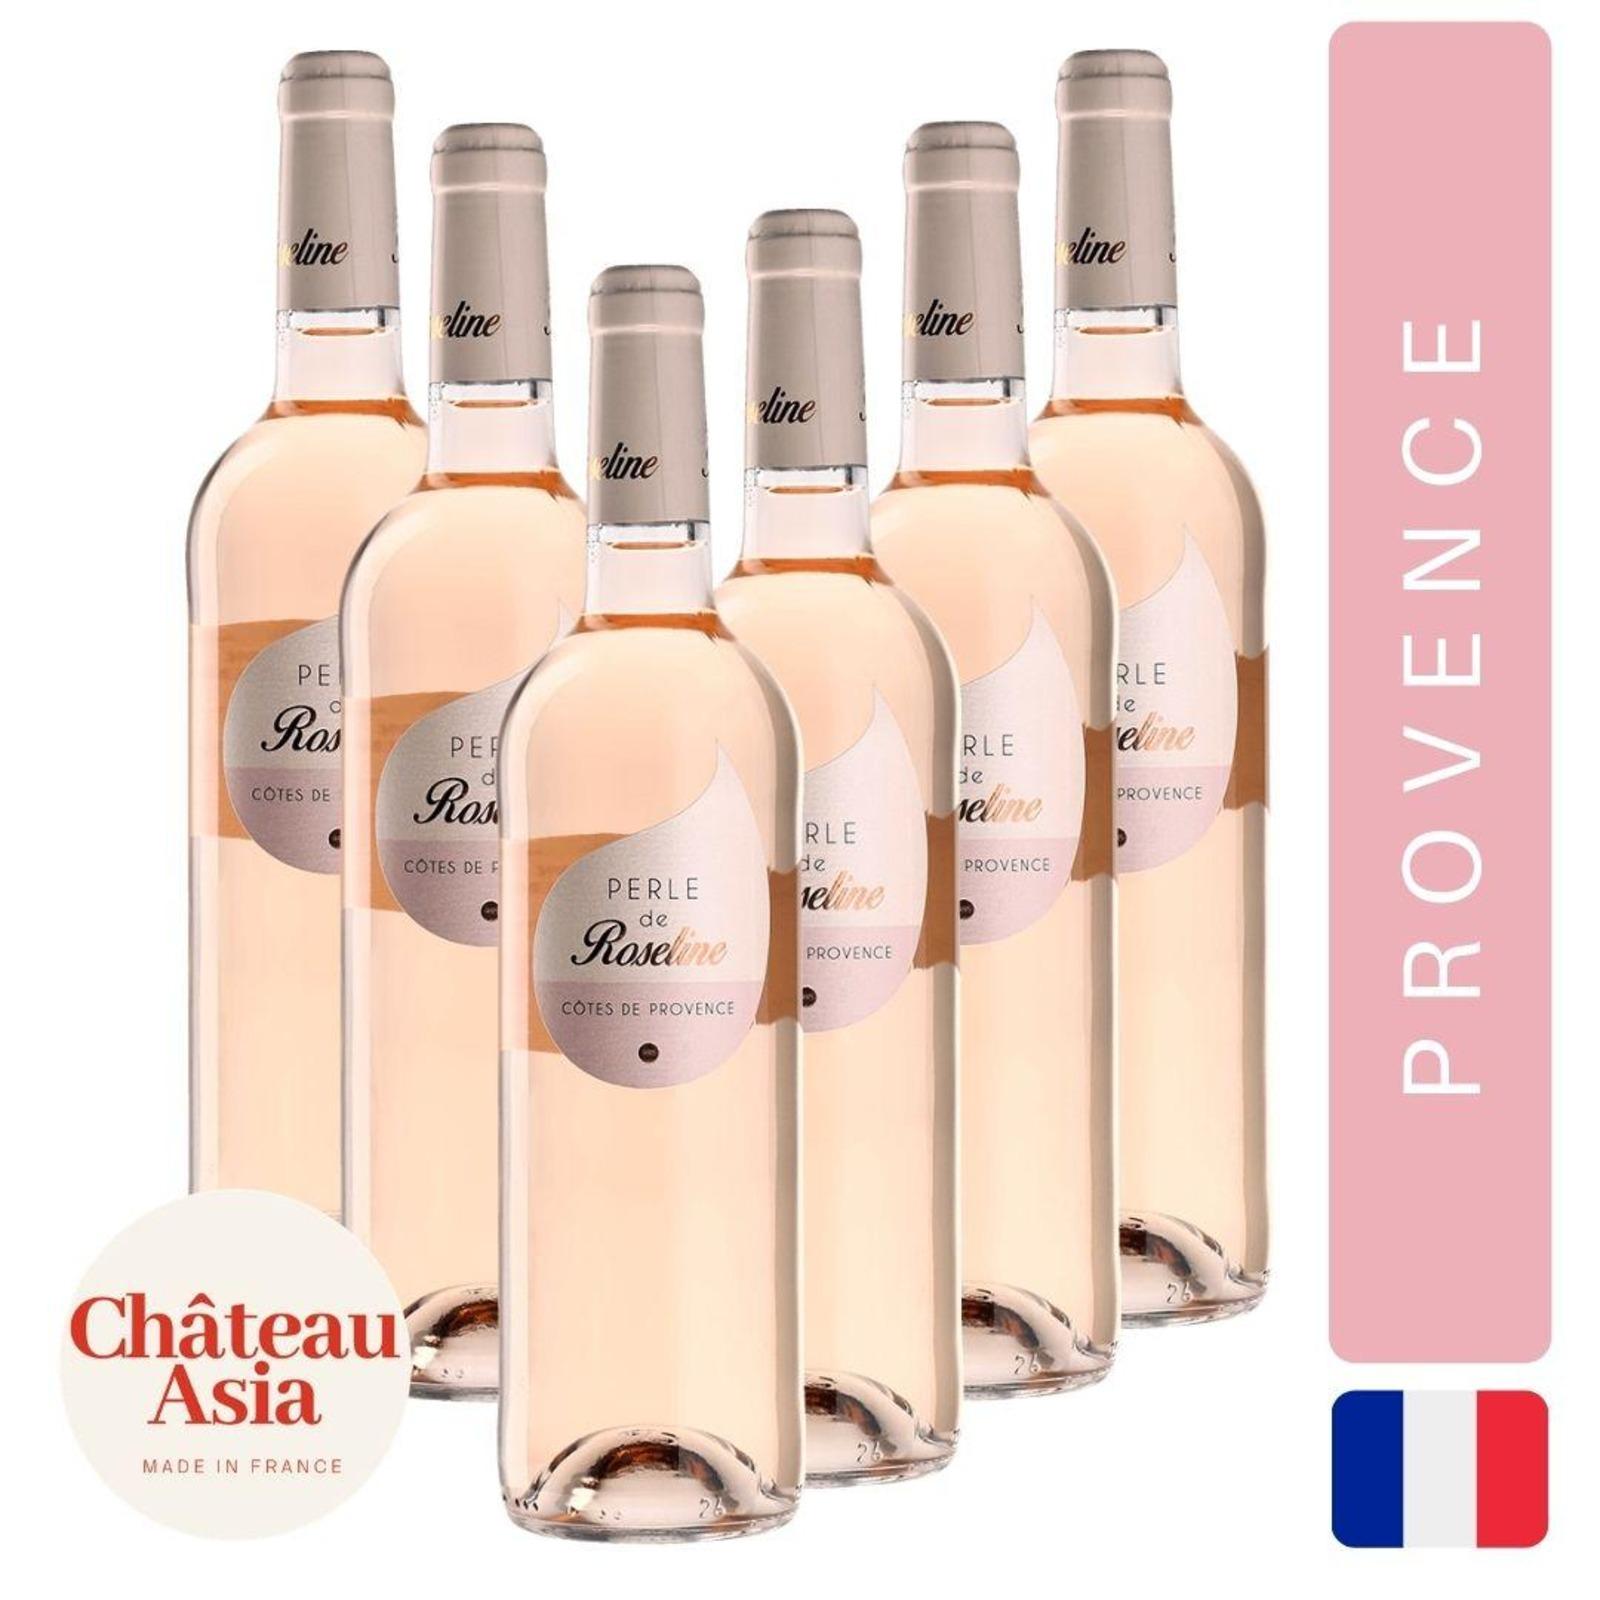 Chateau Sainte Roseline-Perle de Roseline-Cotes de Provence